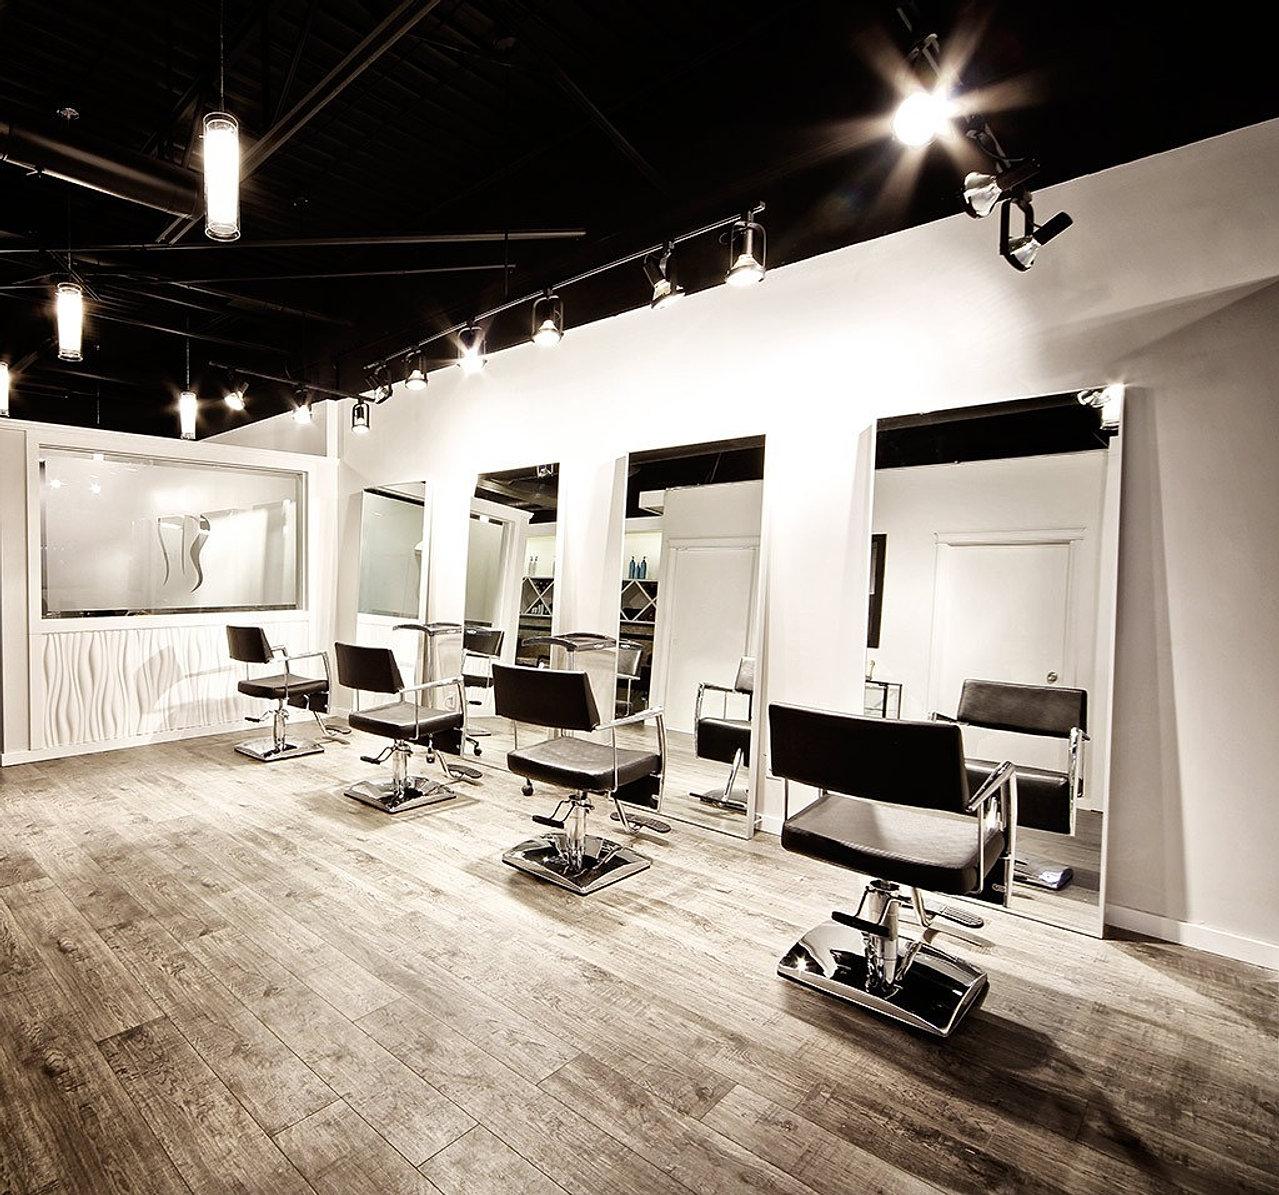 بهترین ارایشگاه دردهدشت Interior Barber Shop Design Ideas Salon Designs Layout Hair Hairdresser Designhair Gallery Modern - purchaseorder.us Amazing Int